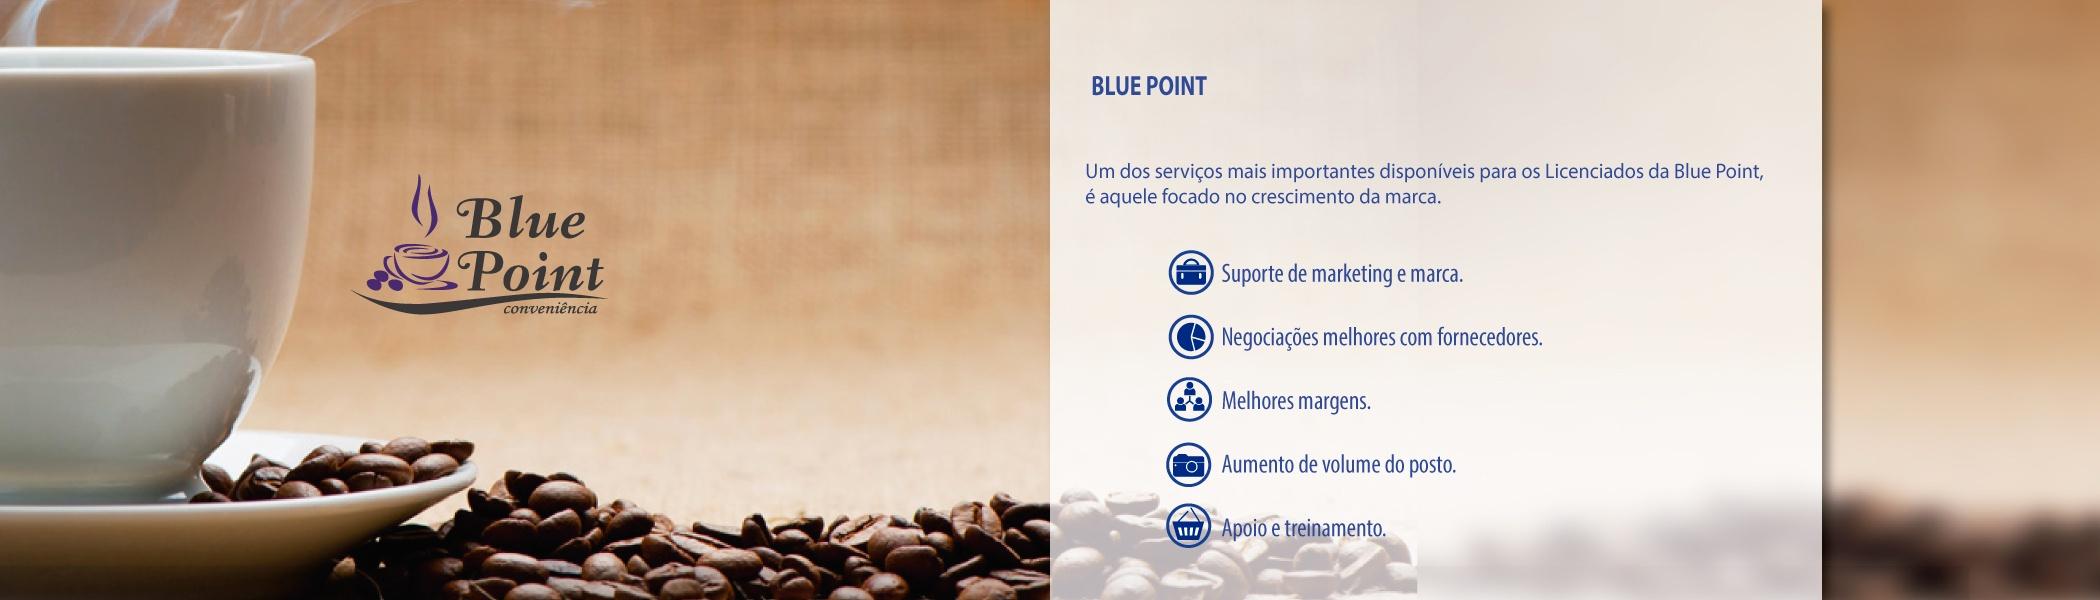 123banner-boxter-bluepoint-2100x600